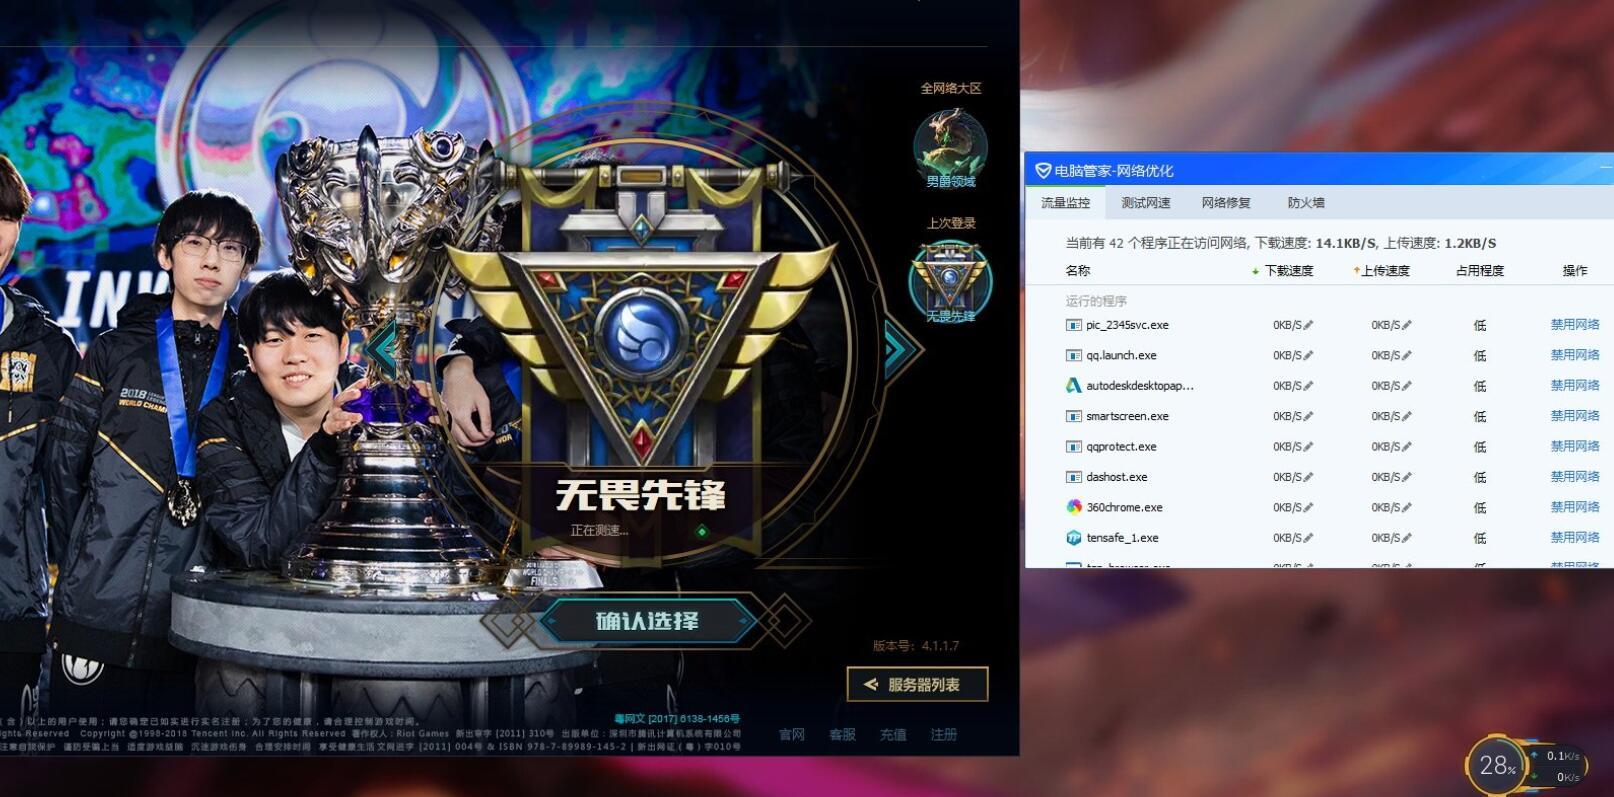 英雄联盟跳过防沉迷游戏技巧_玩赚领域www.playzuan.com